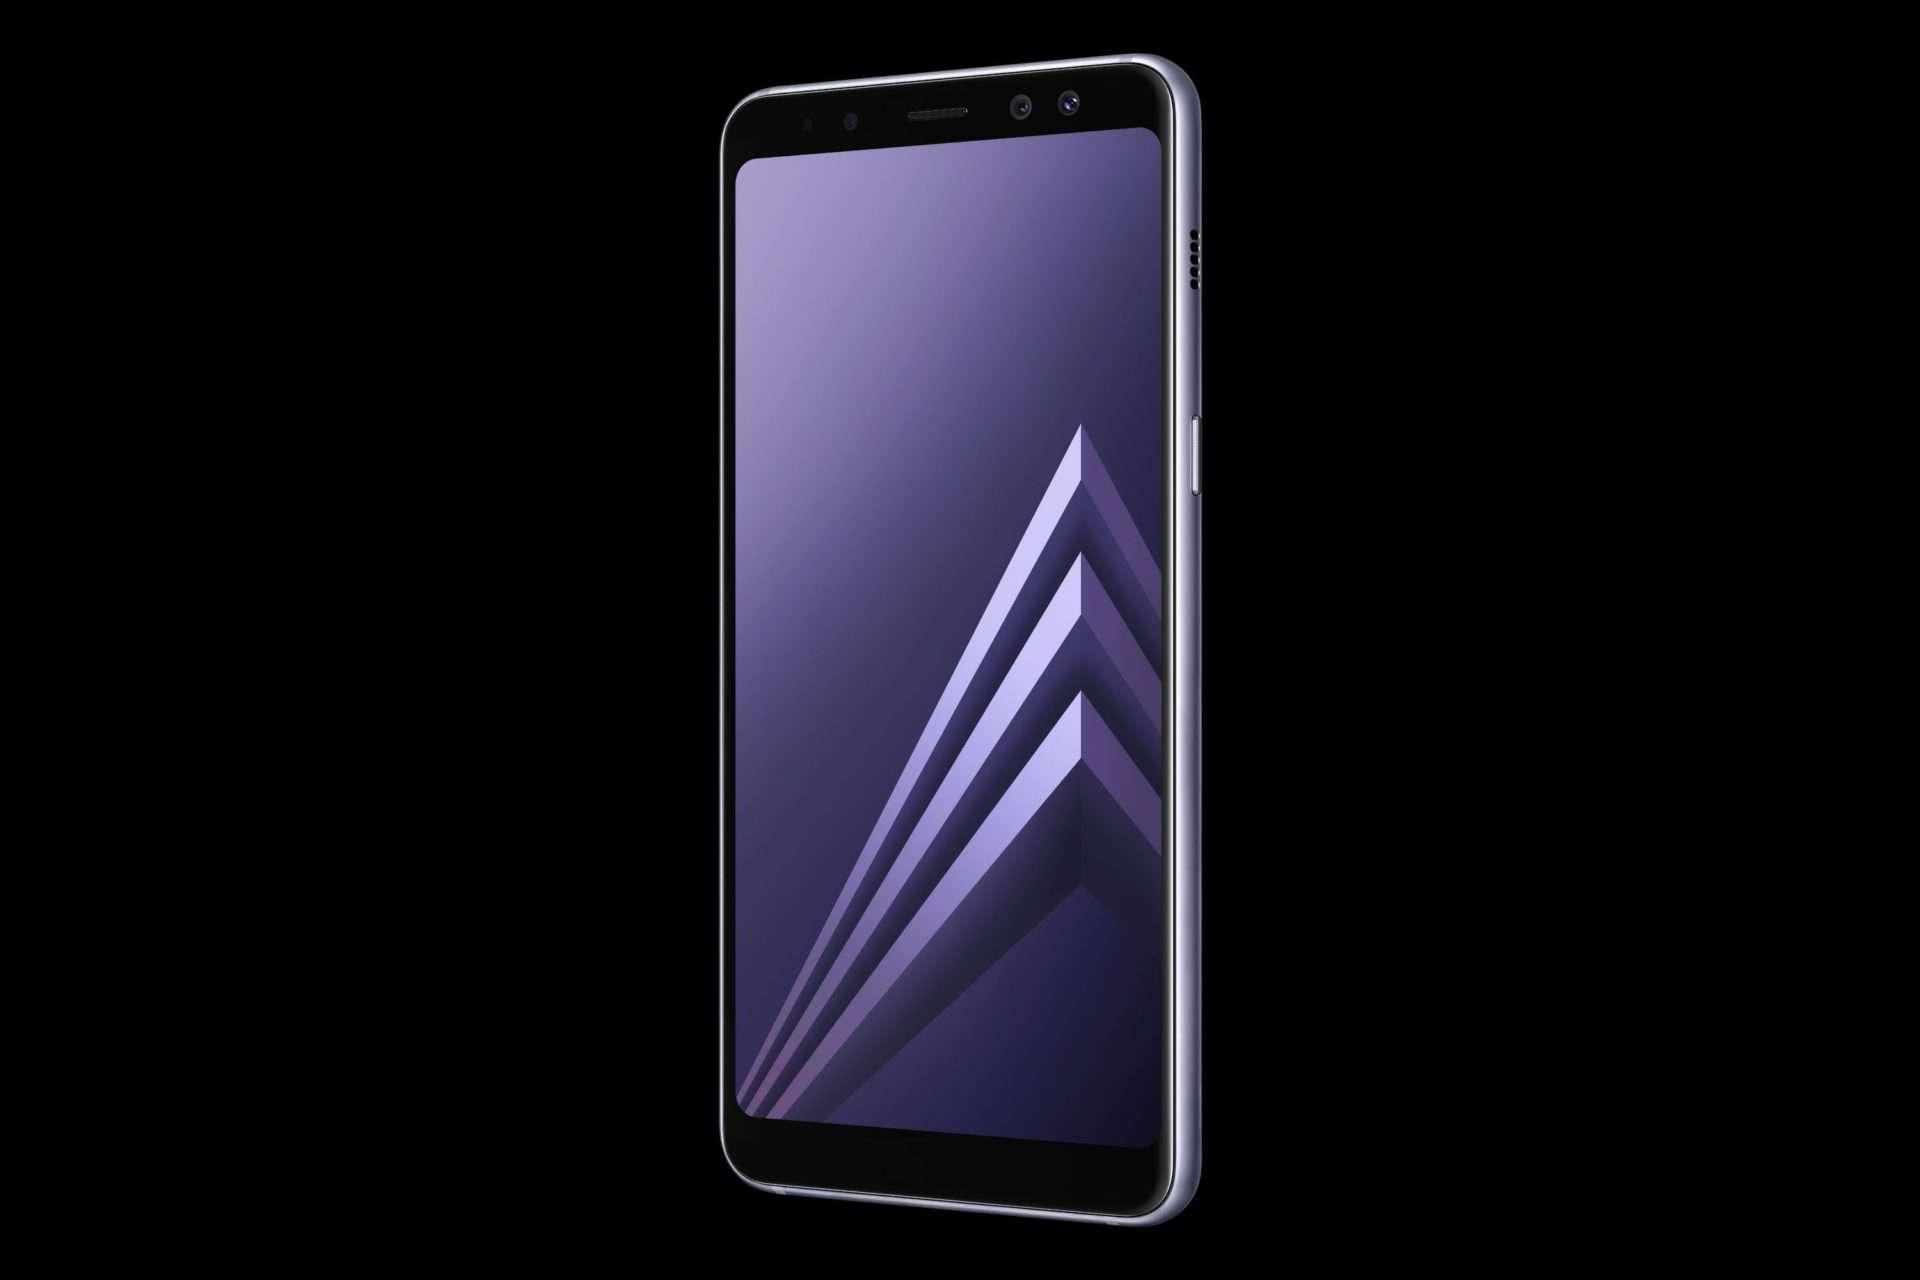 Společnost Samsung spouští předobjednávky na smartphone Galaxy A8